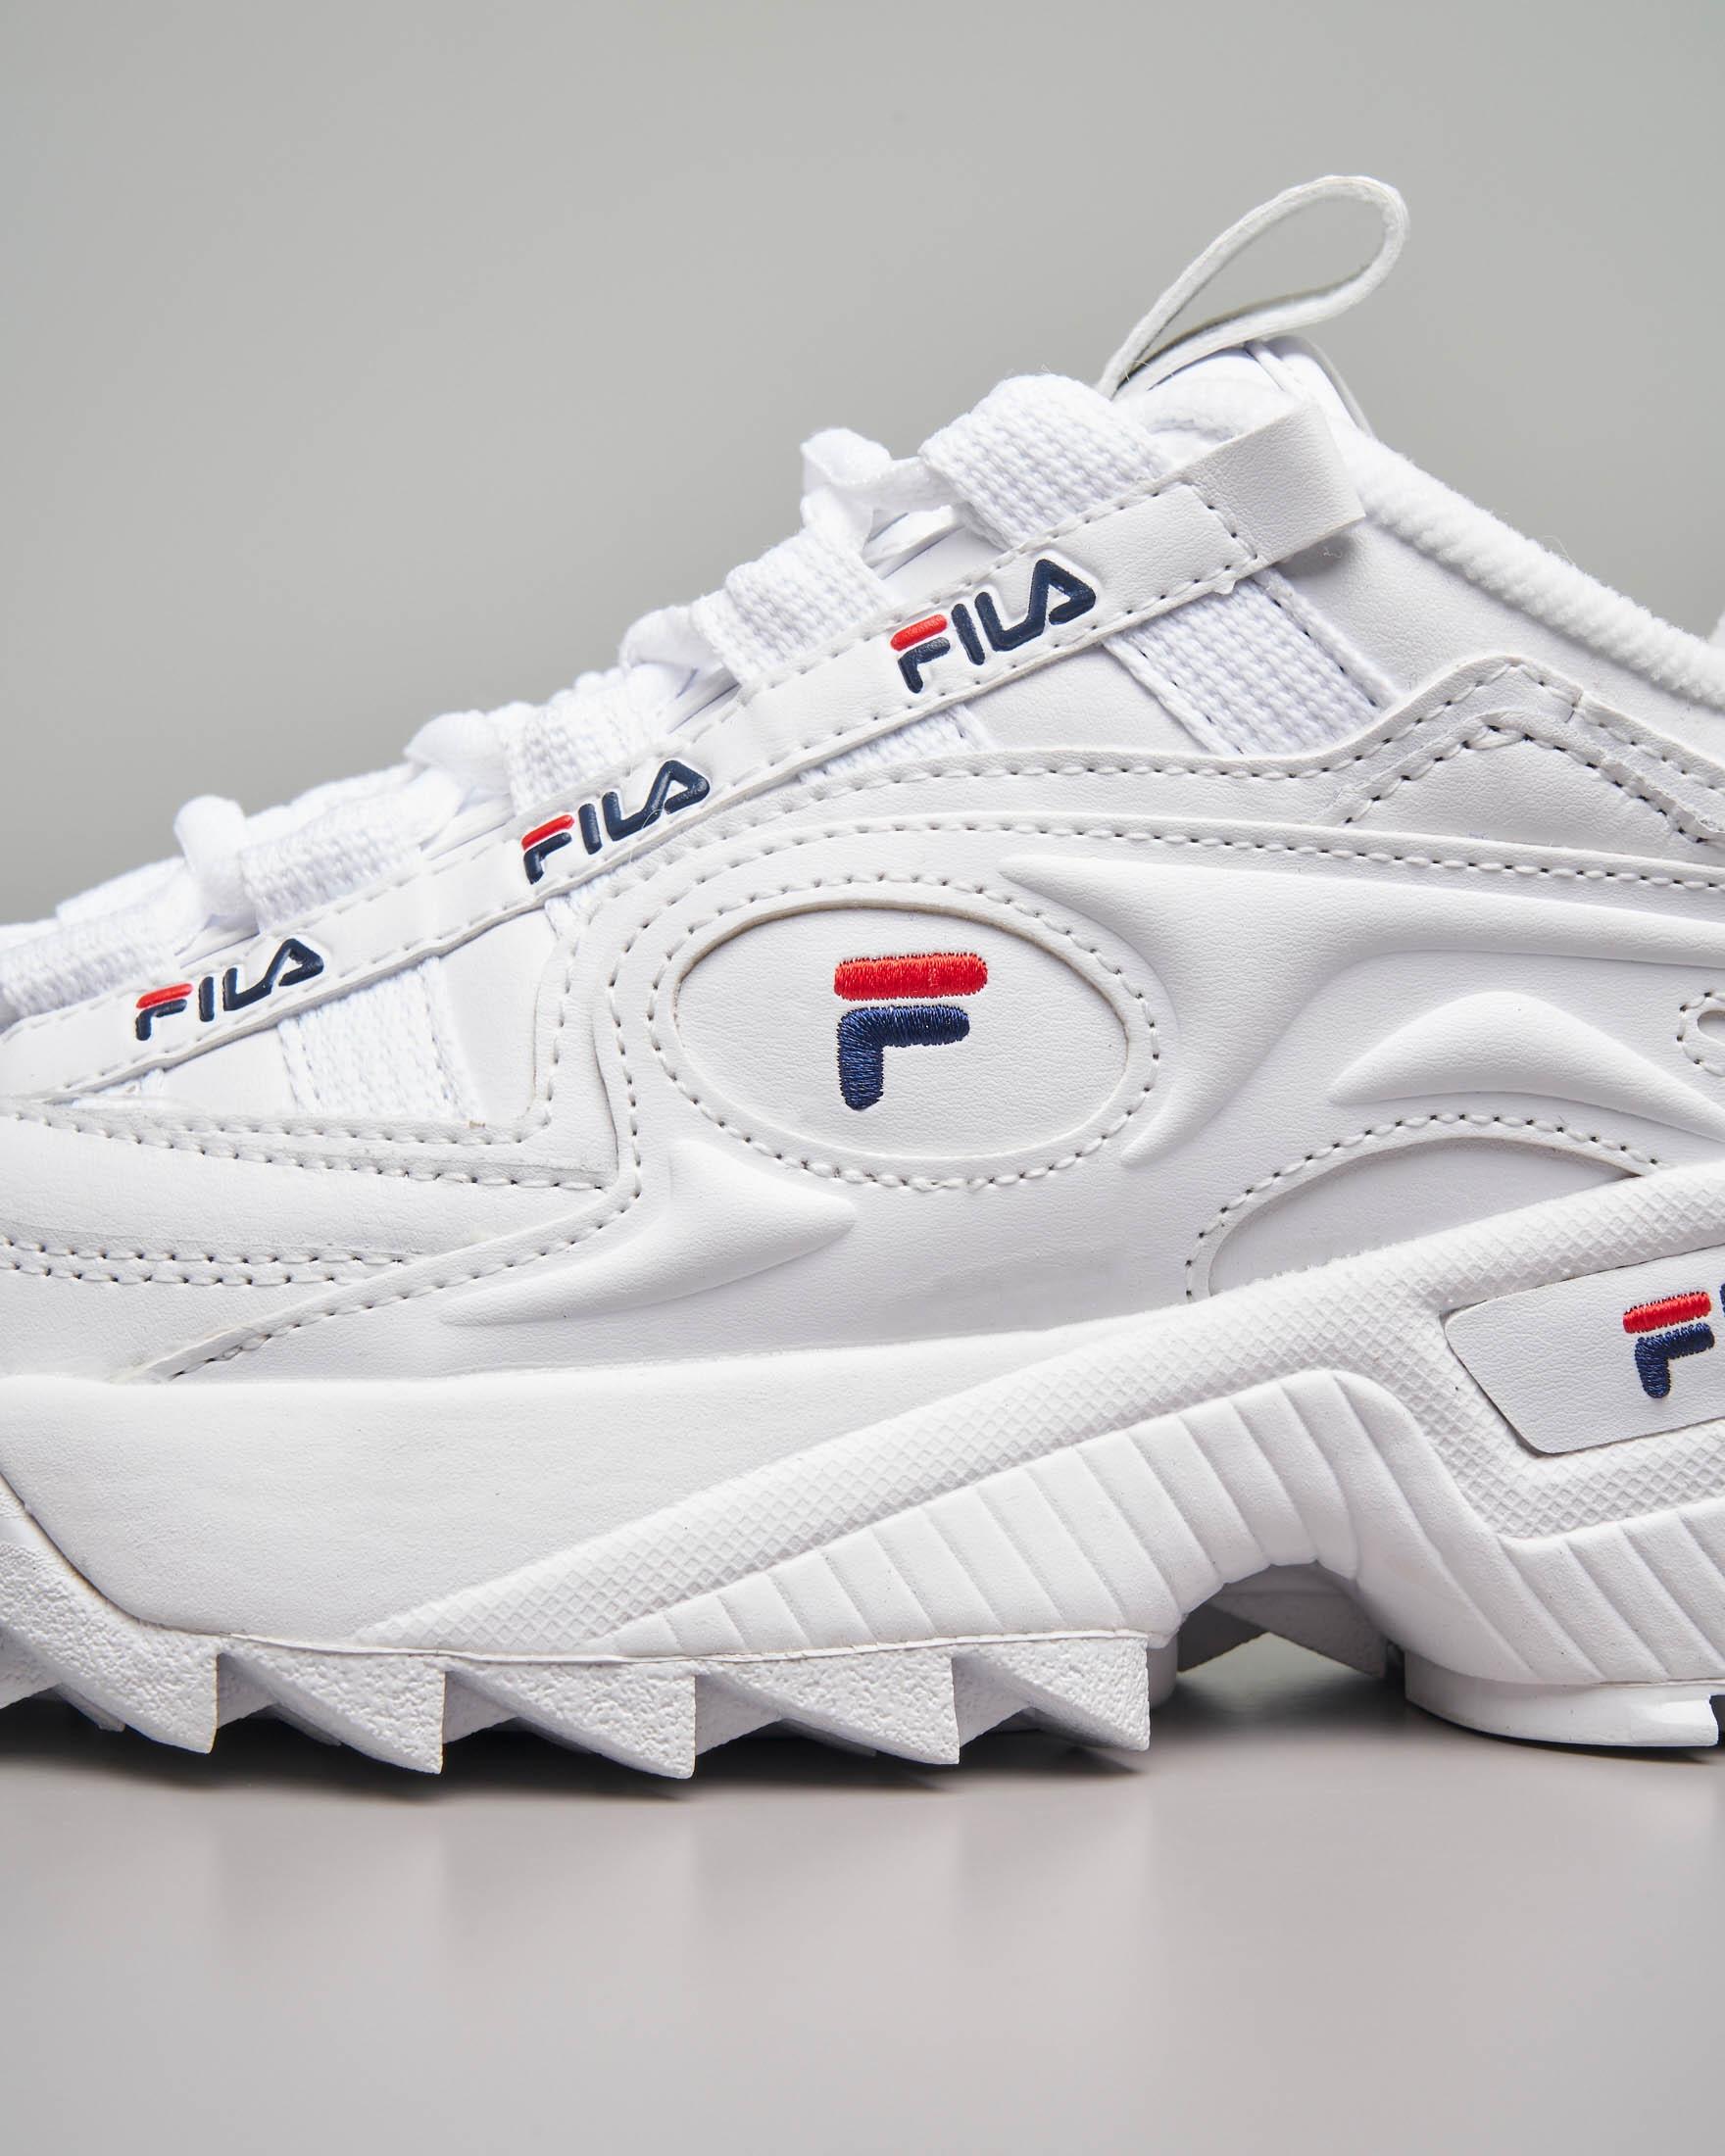 Sneaker Fila D-Formation bianche con rifiniture rosse e blu | Pellizzari  E-commerce